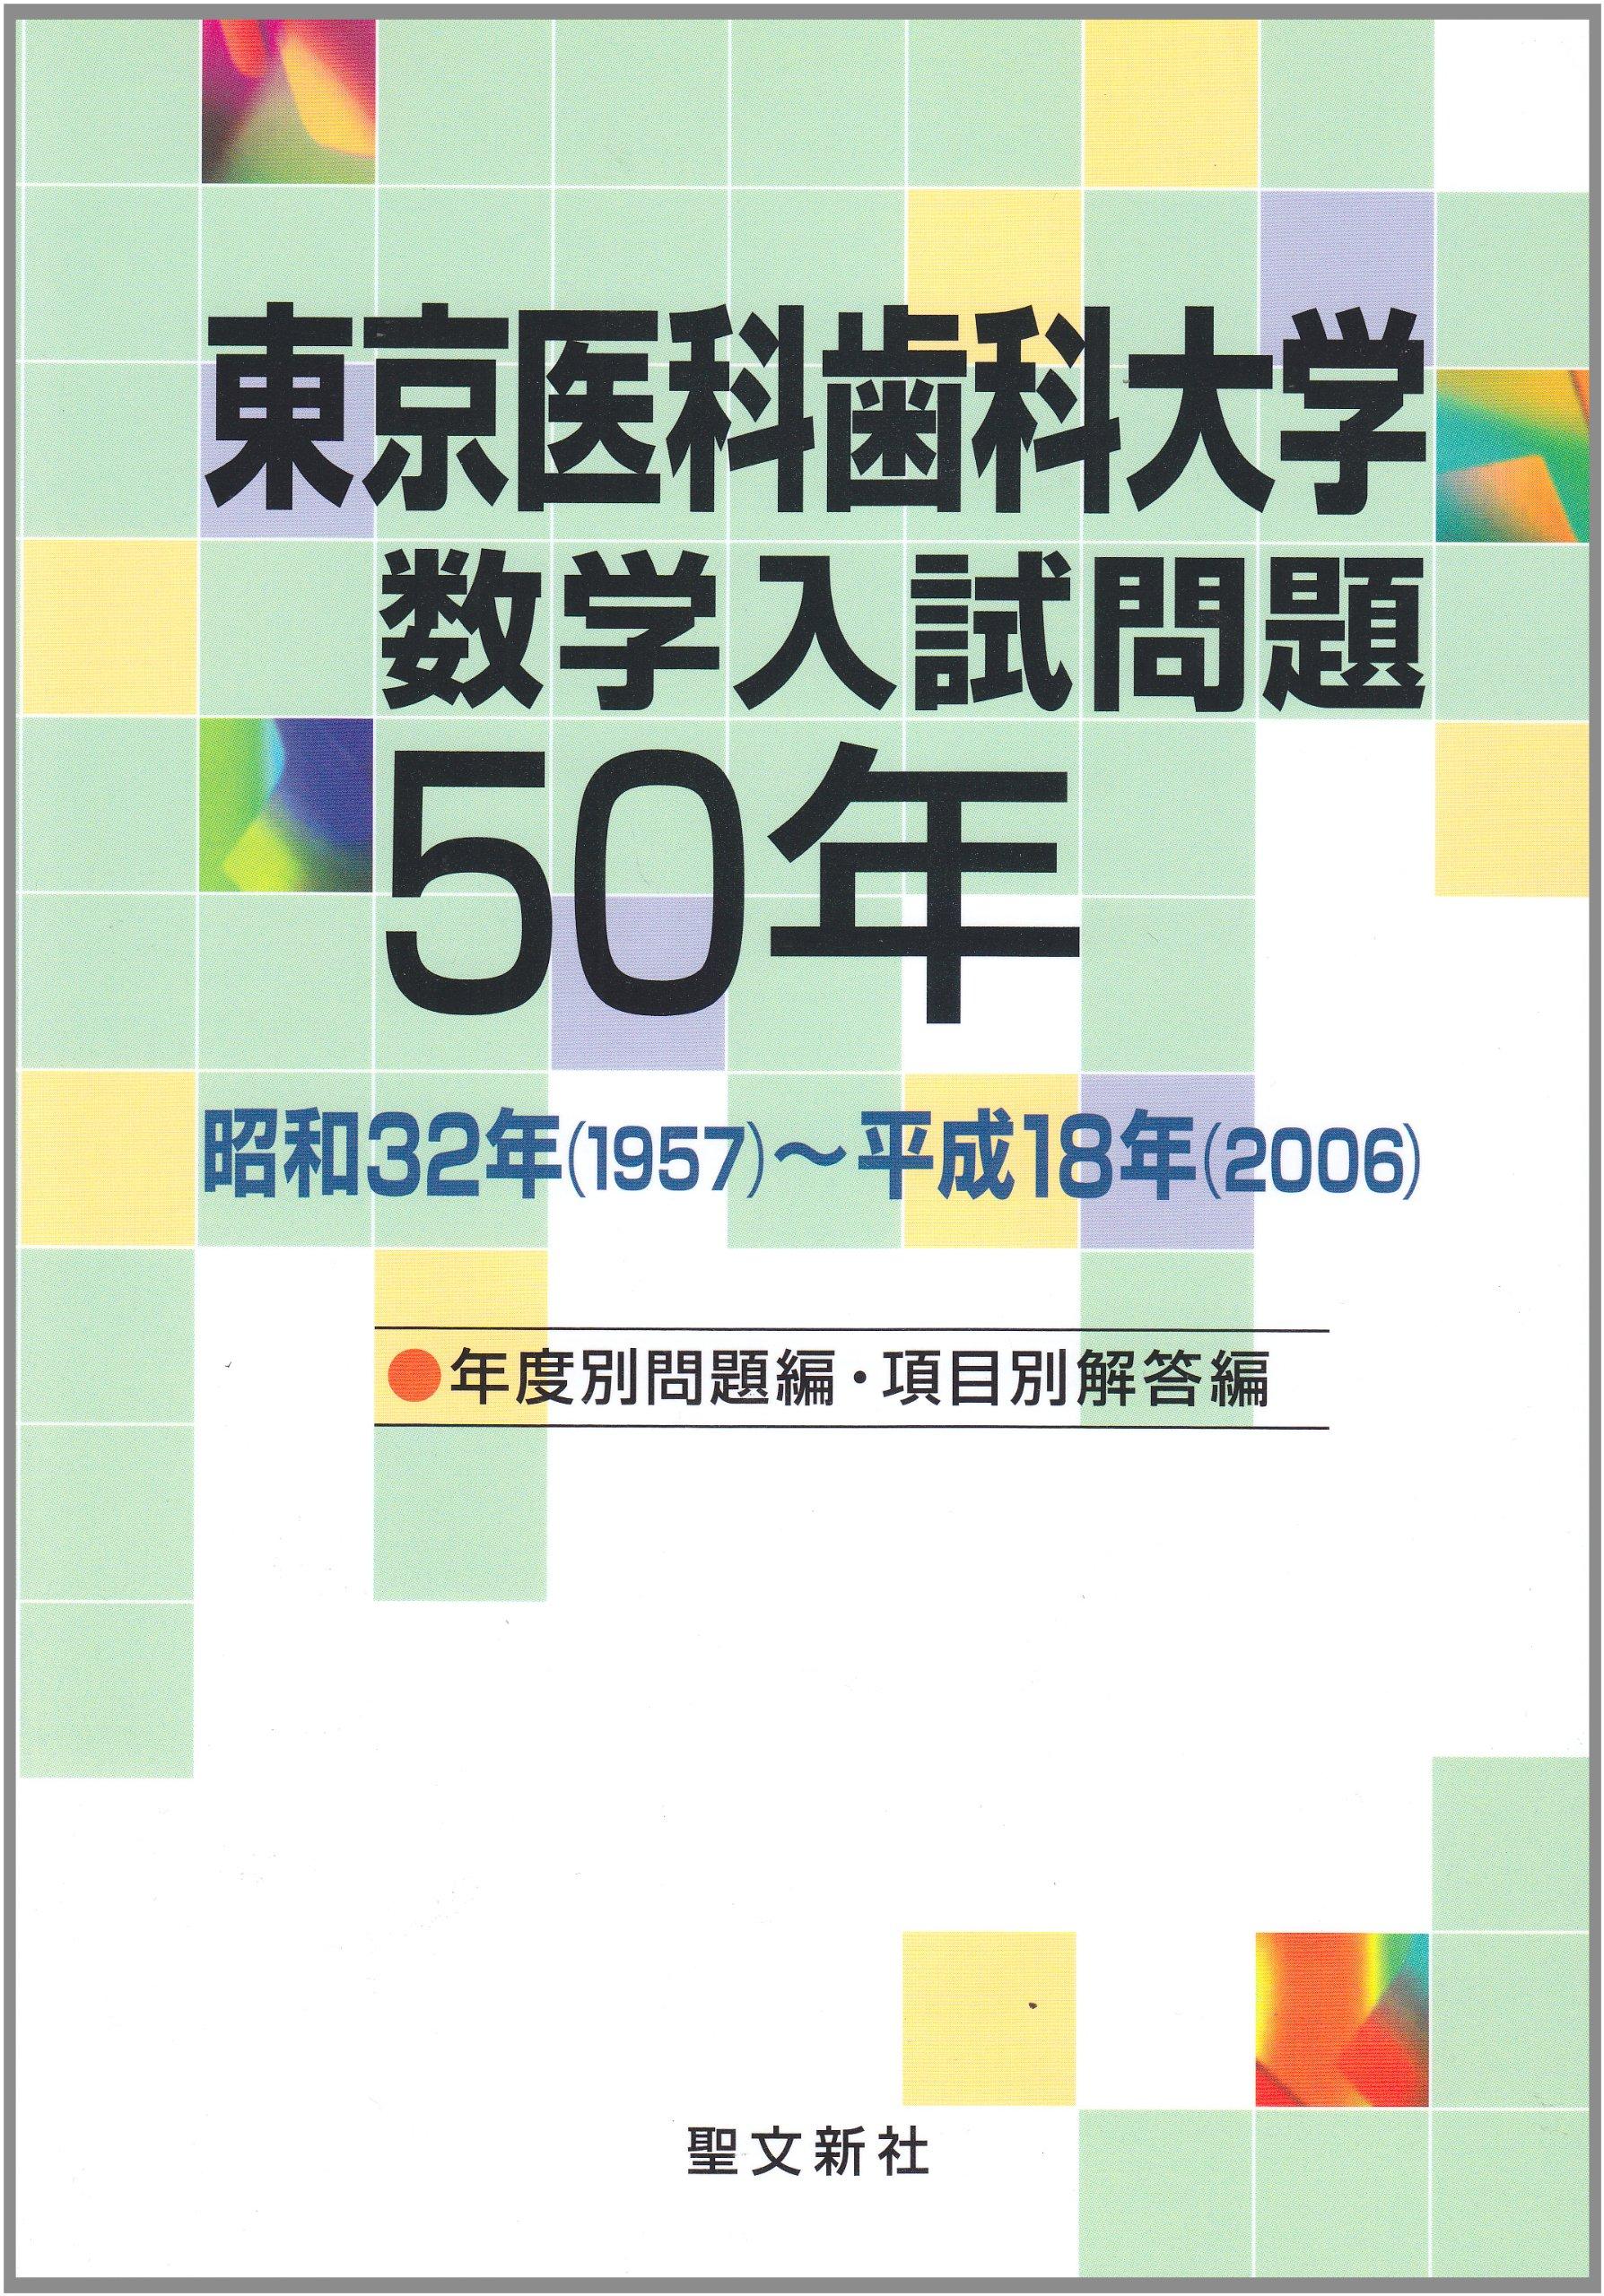 Tōkyō ika shika daigaku sūgaku nyūshi mondai gojūnen : shōwa sanjūninen senkyūhyakugojūnana heisei jūhachinen nisenroku. pdf